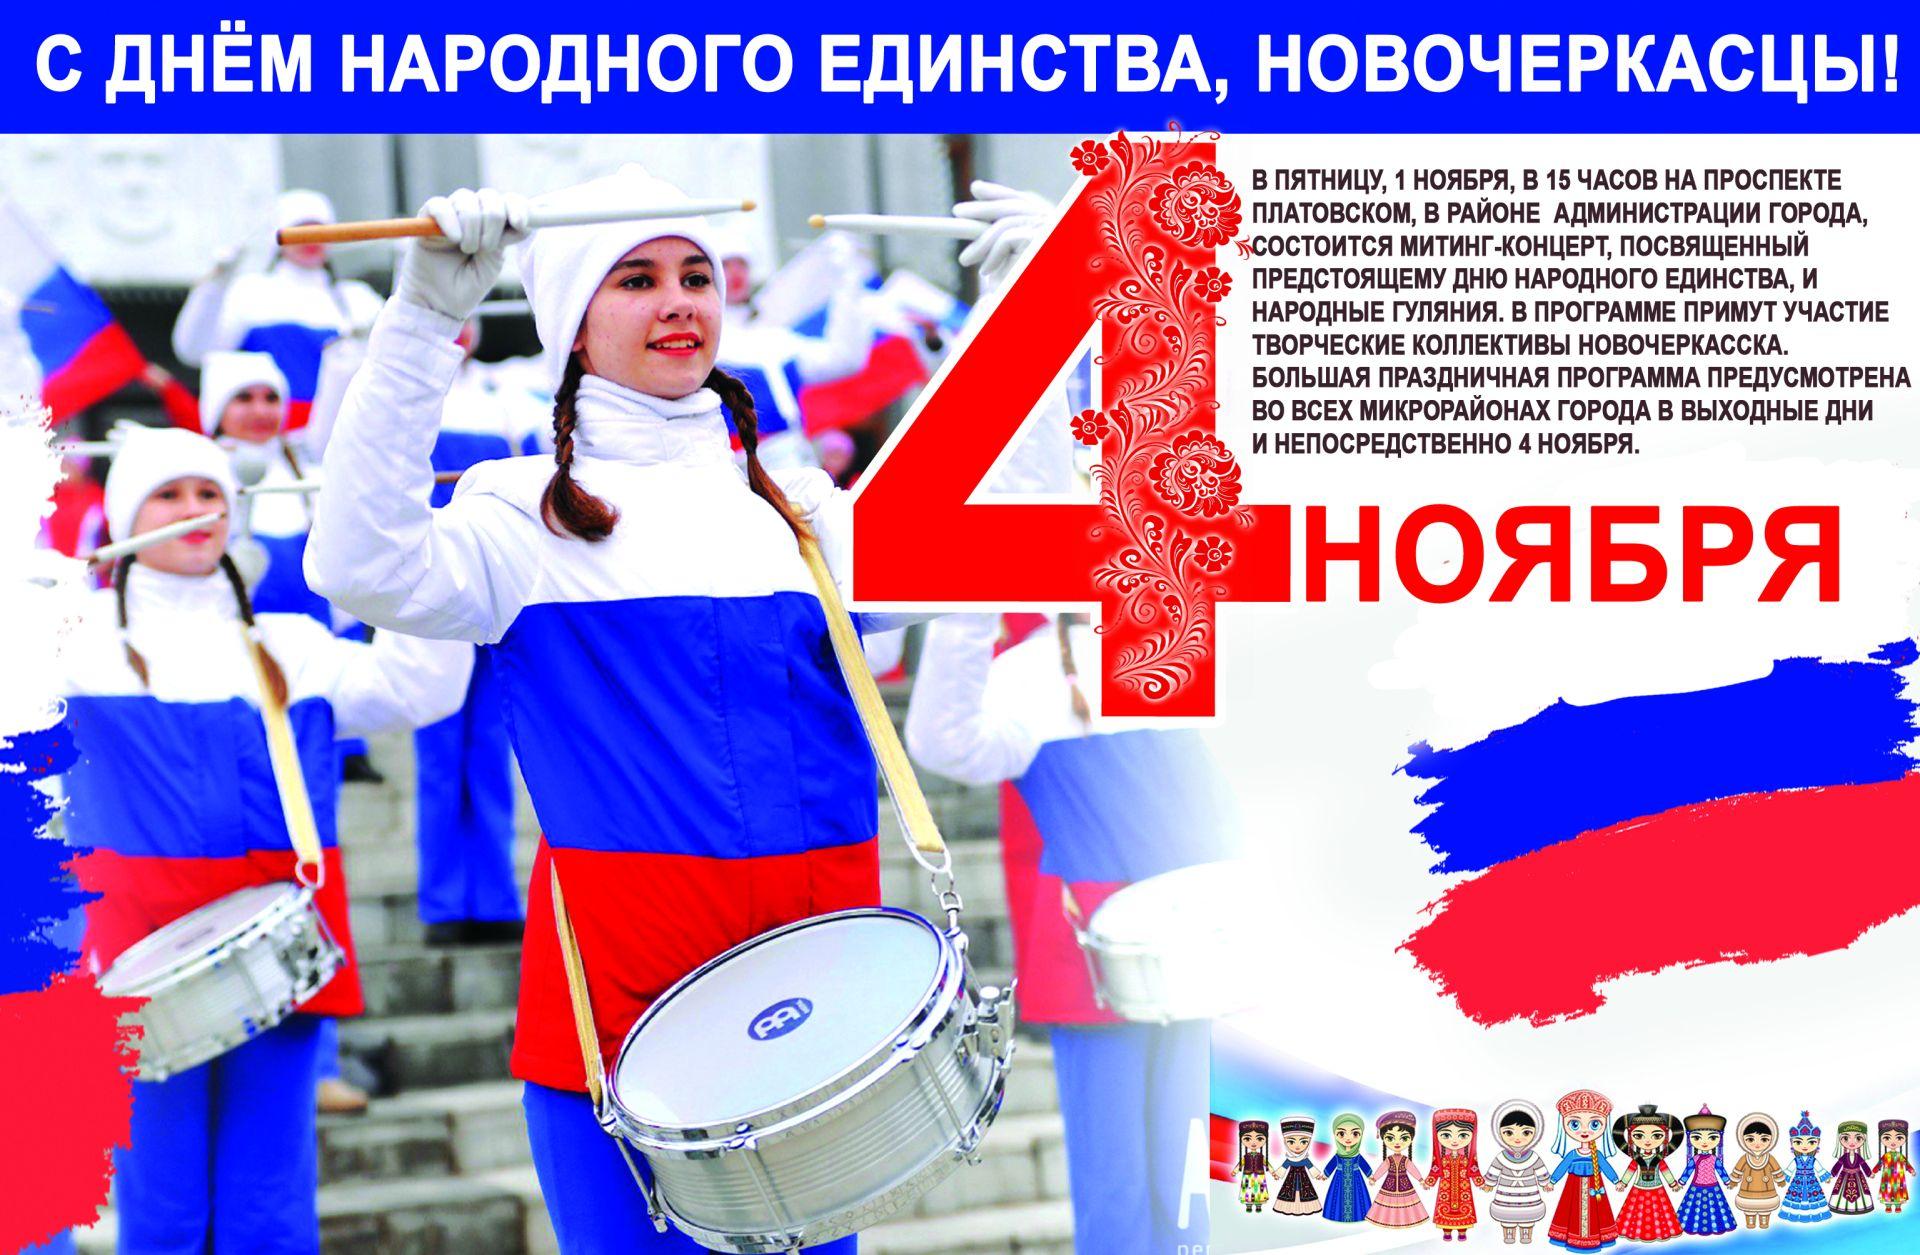 Афиша мероприятий в честь Дня Народного Единства